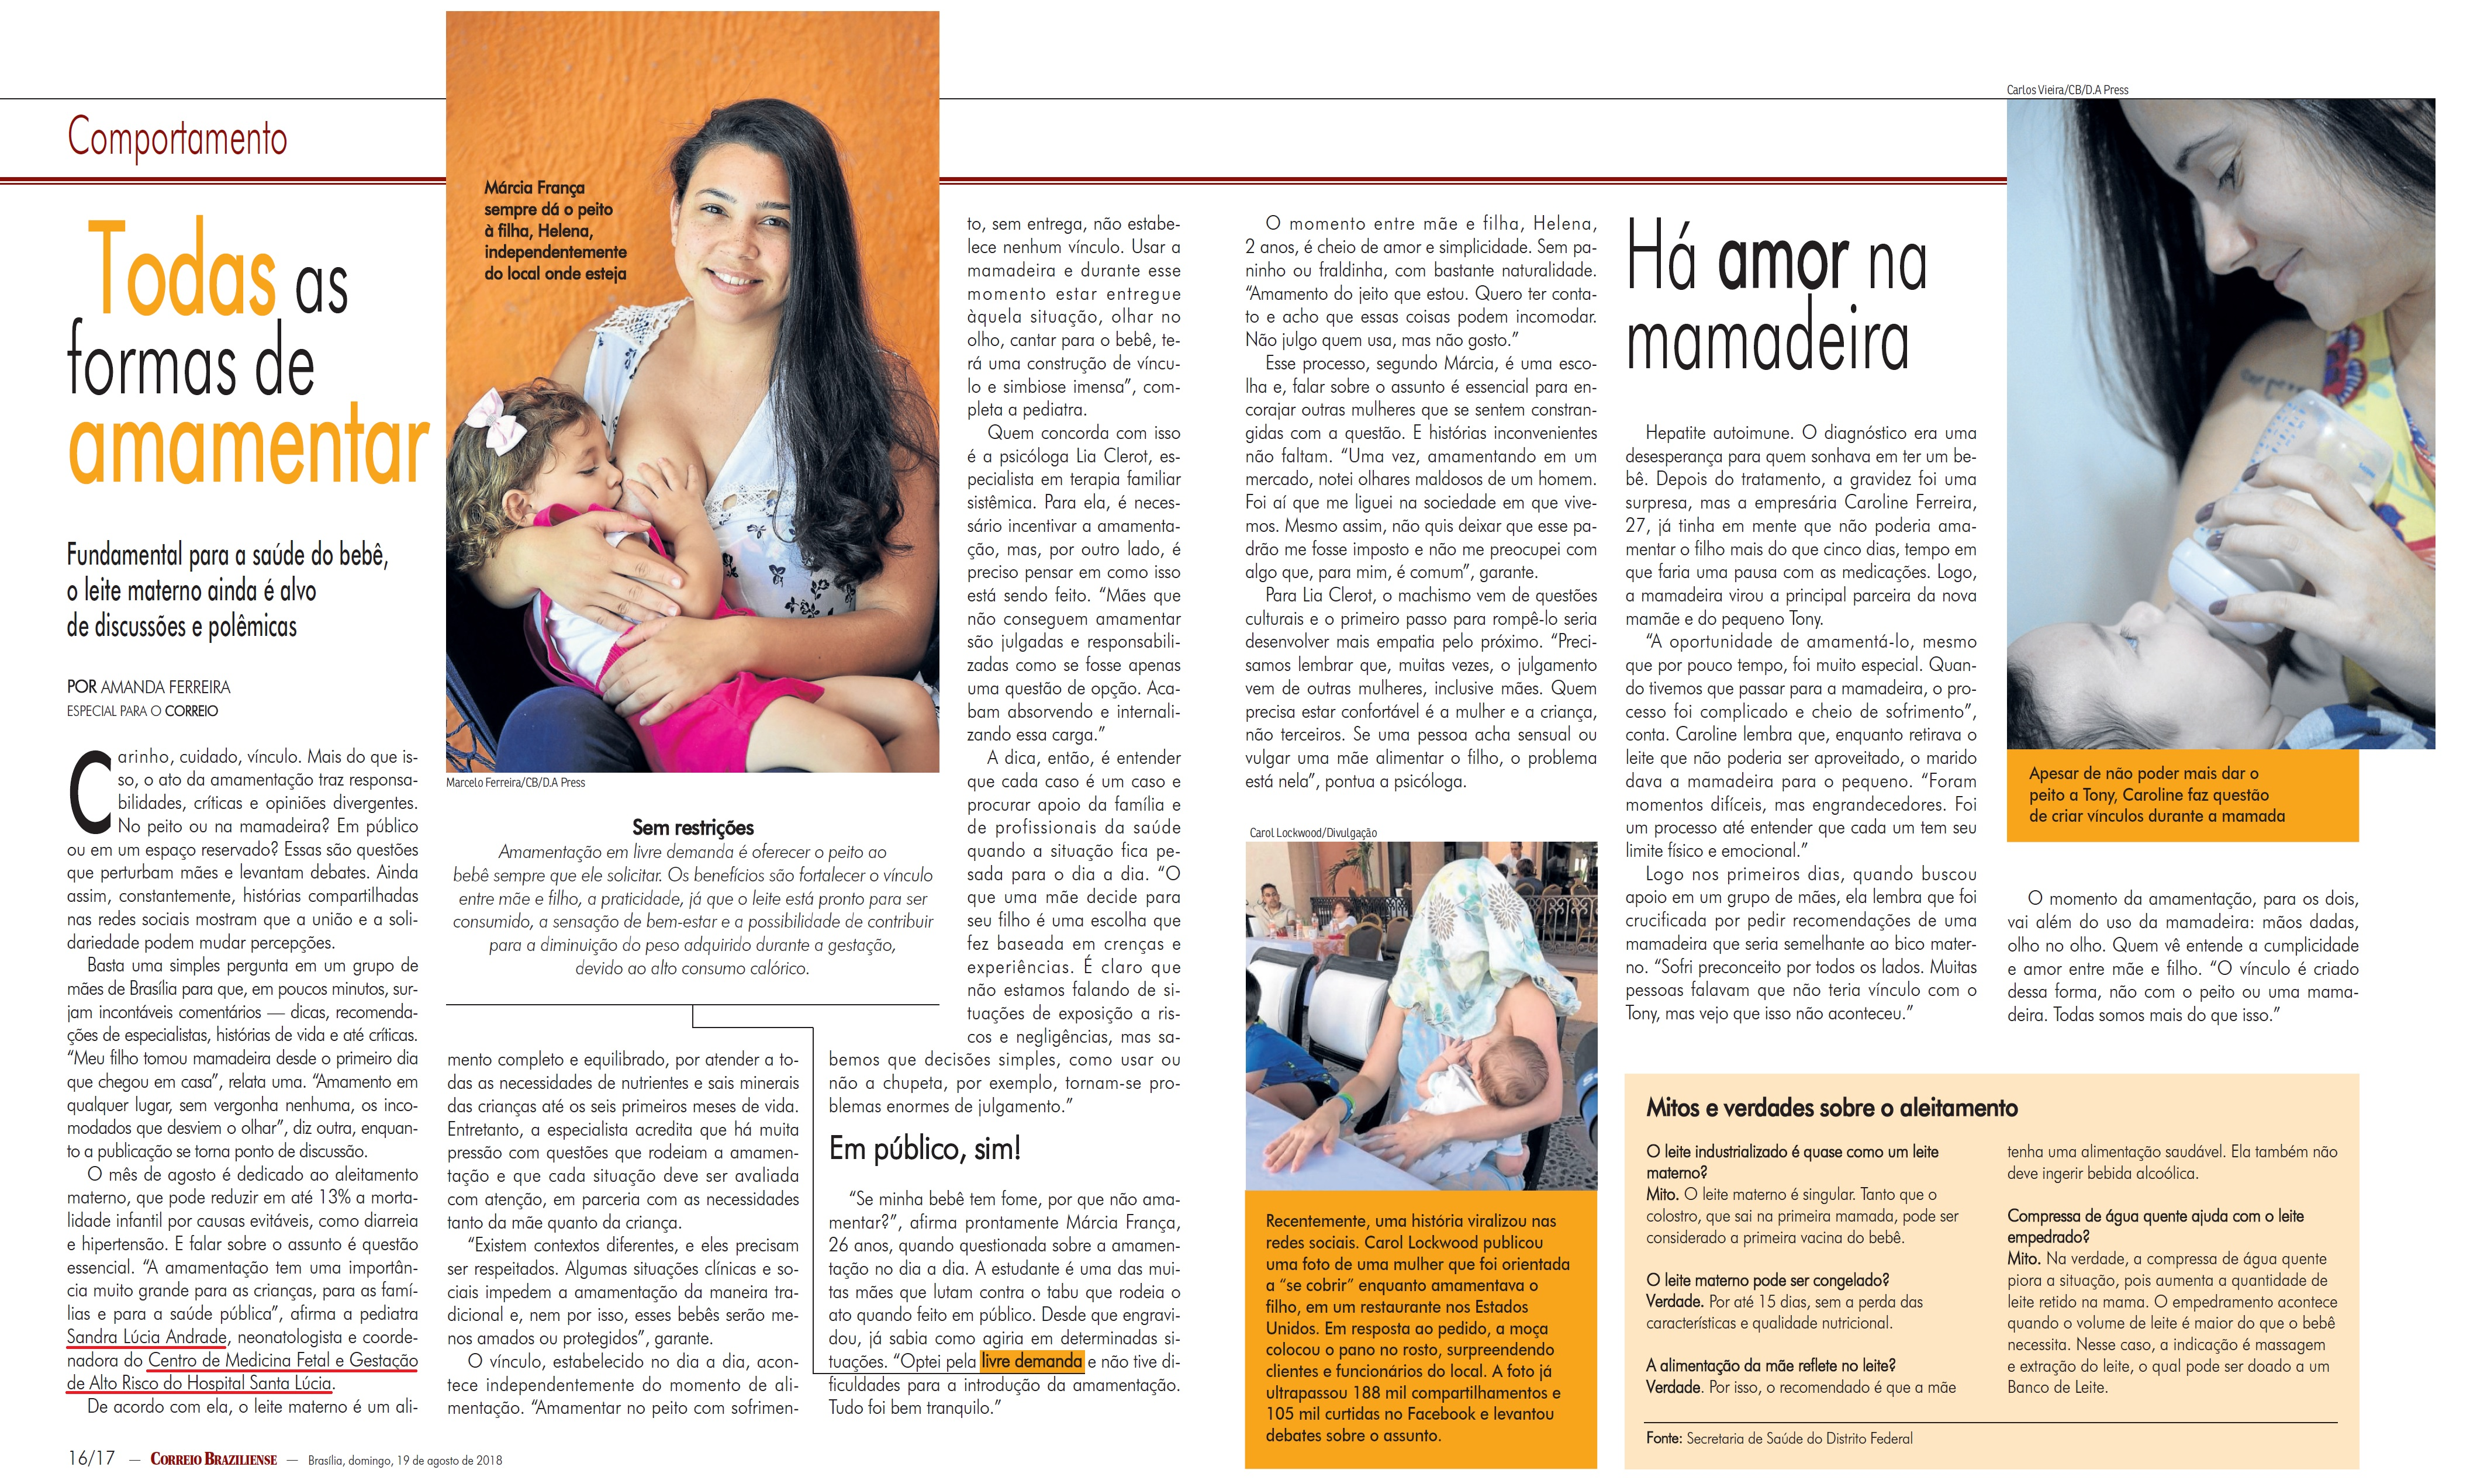 Revista do Correio - Dra. Sandra Lúcia Andrade HSLS - 19-08-2018